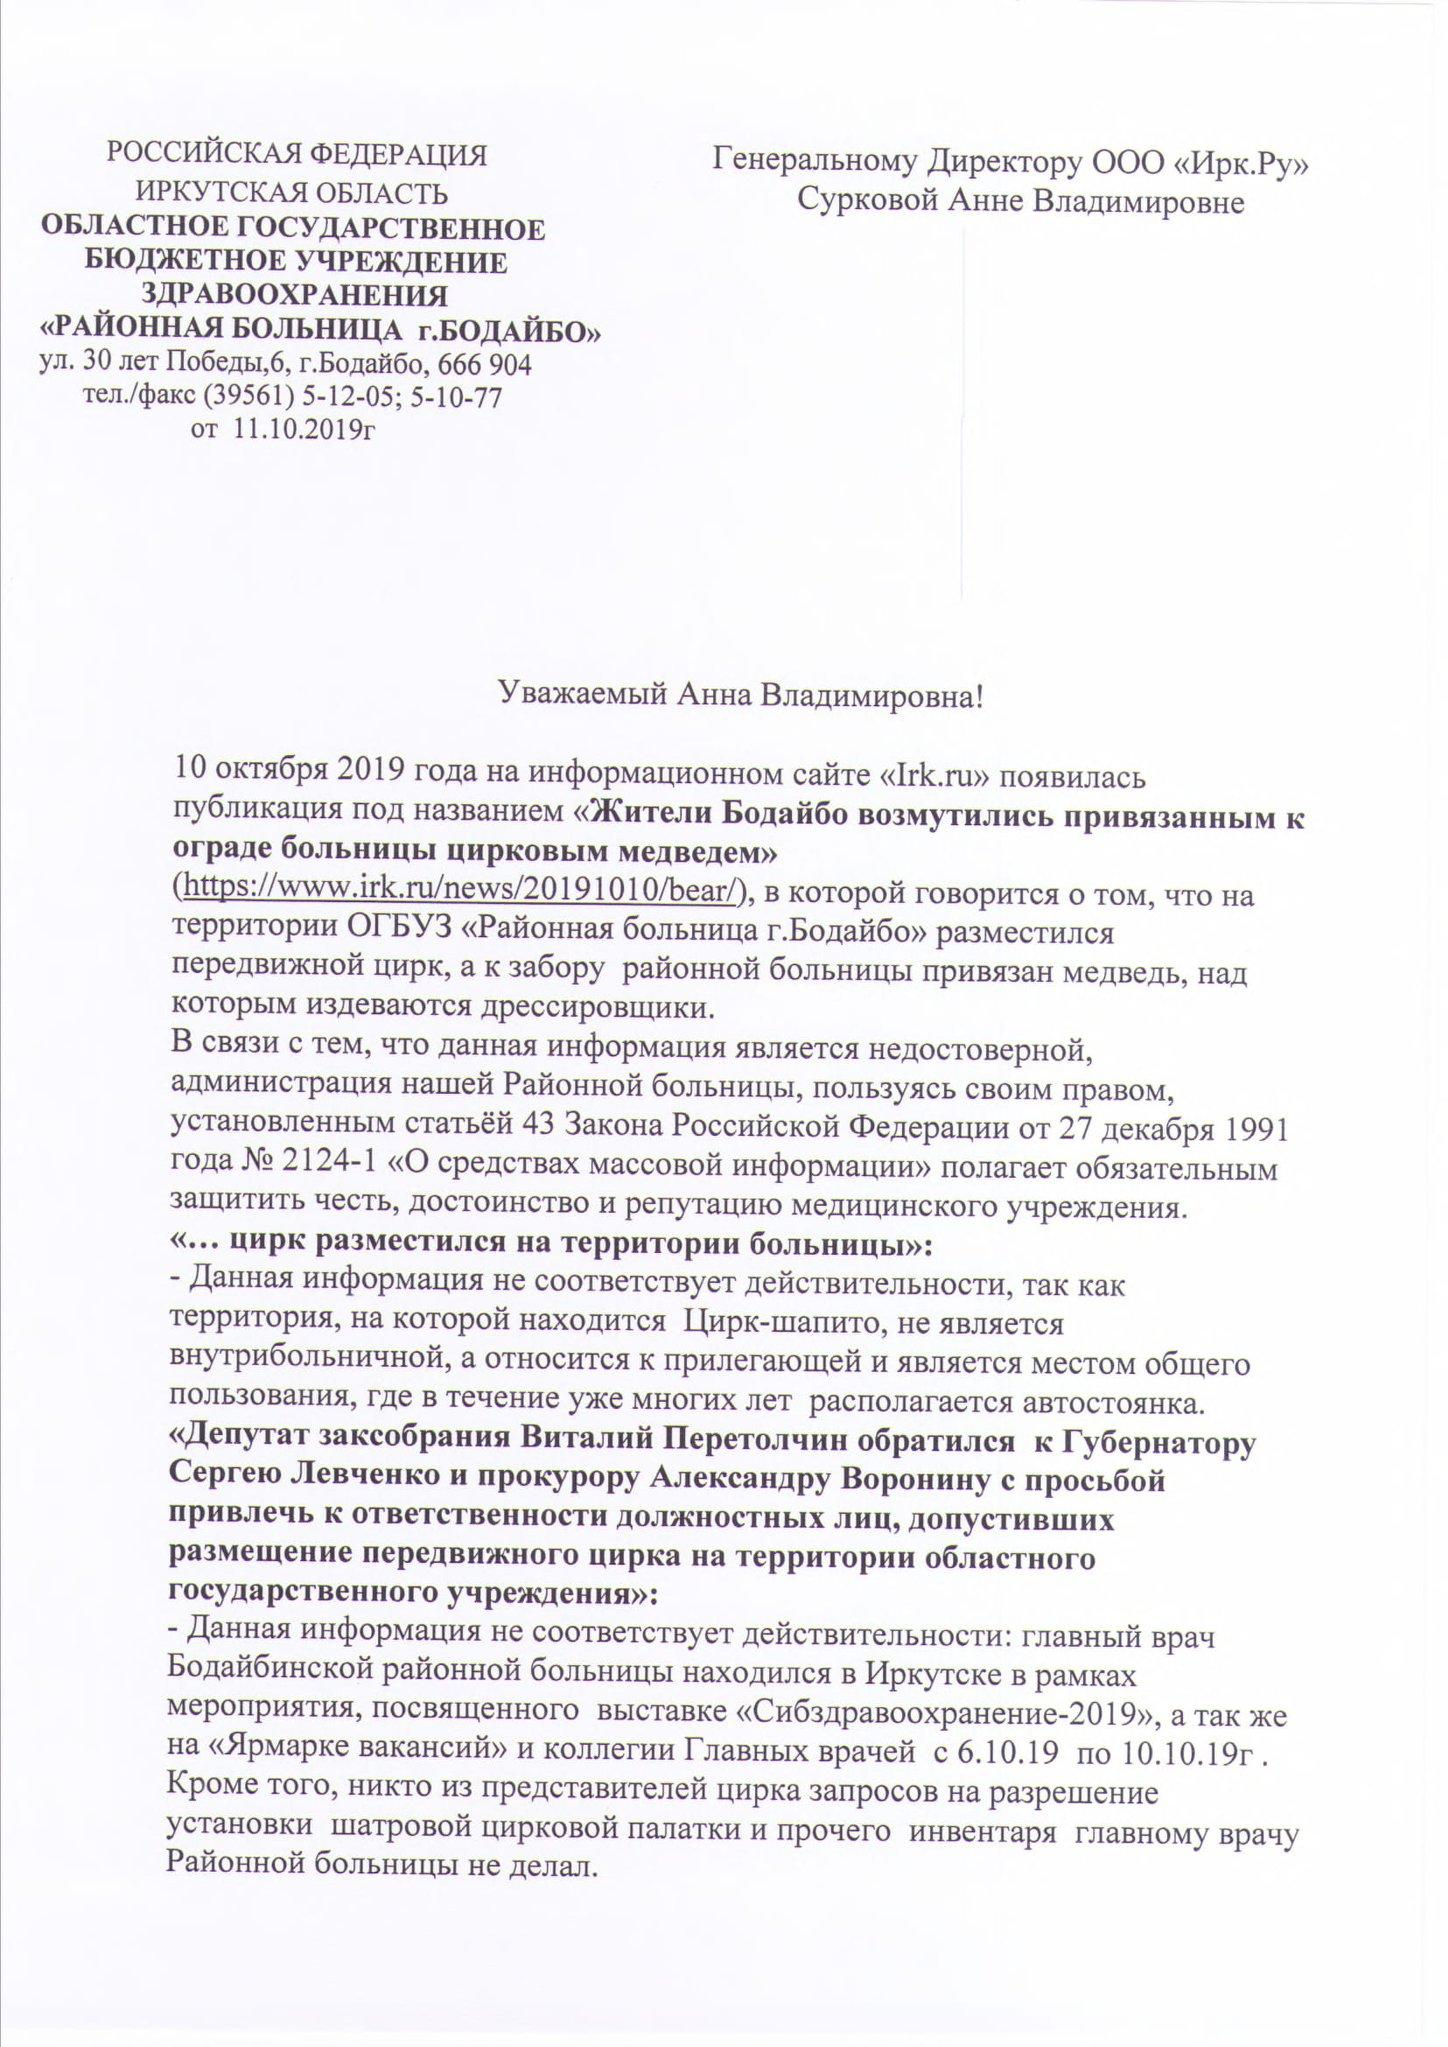 10 октября 2019 года на информационном сайте «Irk.ru» появилась публикация под названием «Жители Бодайбо возмутились привязанным к ограде больницы цирковым медведем» (, в которой говорится о том, что на территории ОГБУЗ  «Районная больница г.Бодайбо»…